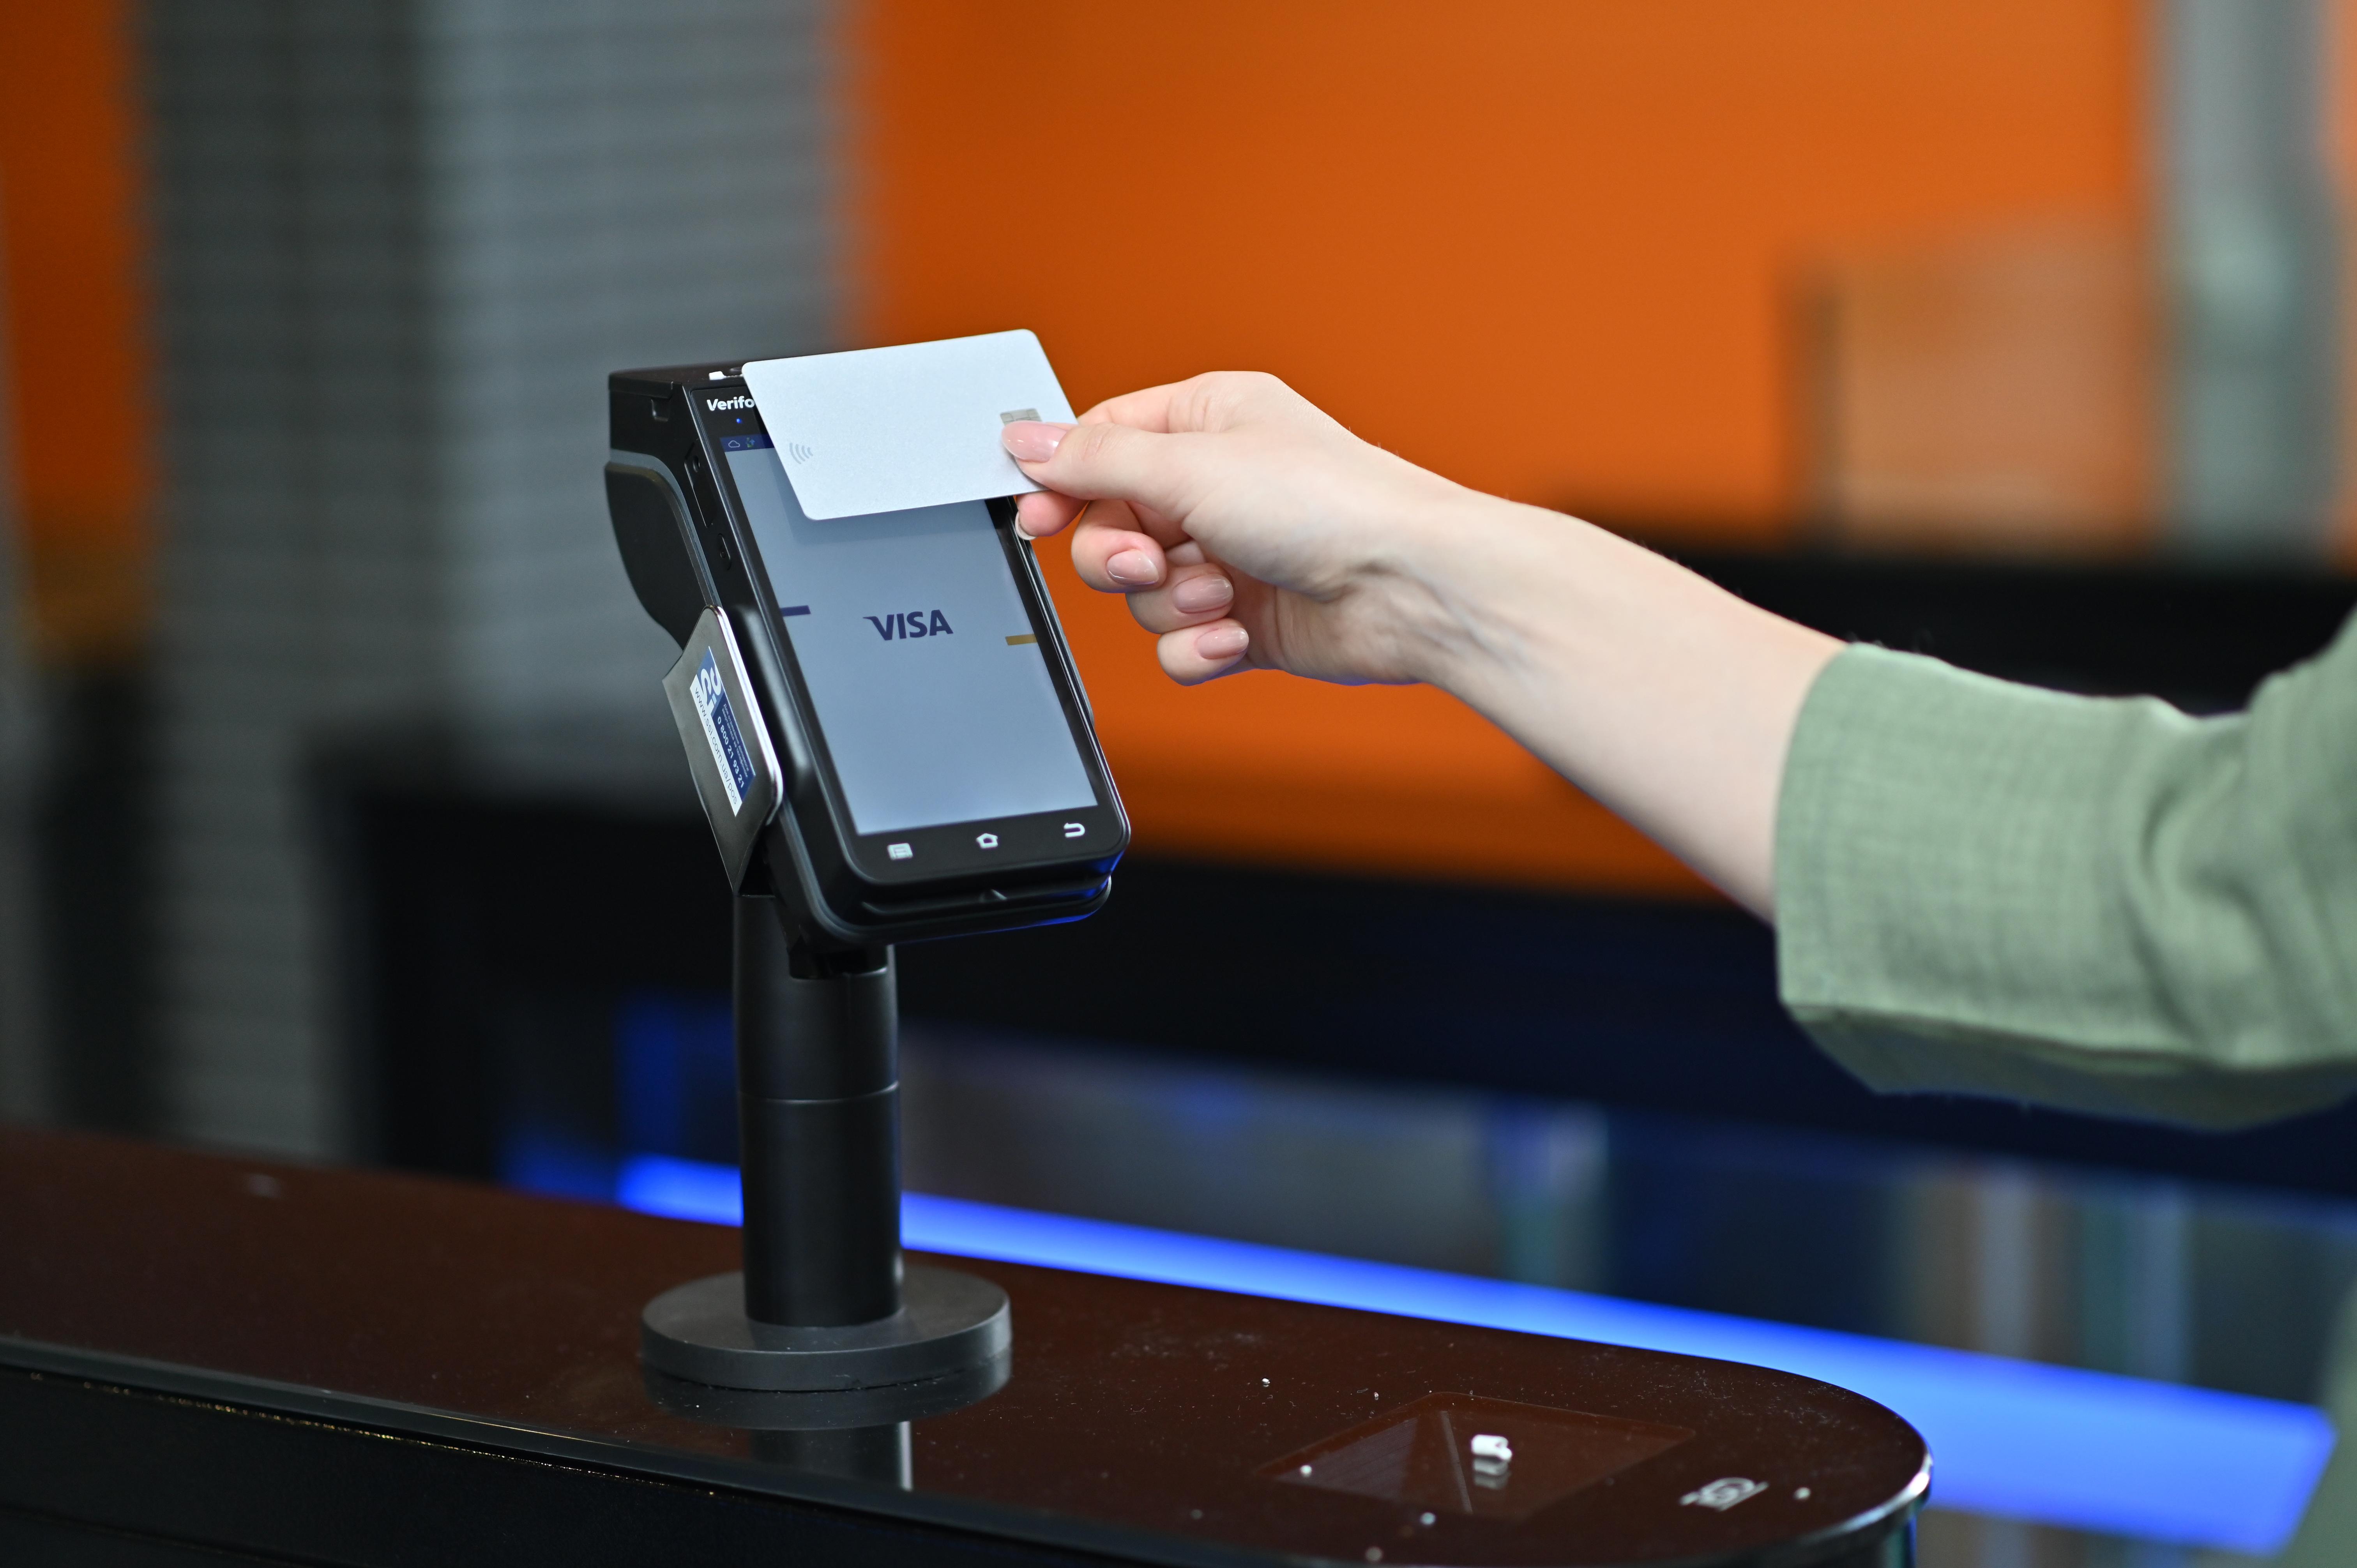 Швидке обслуговування пасажирів в аеропорту для власників преміальних карт Visa від МТБ БАНКу - фото 4 - mtb.ua